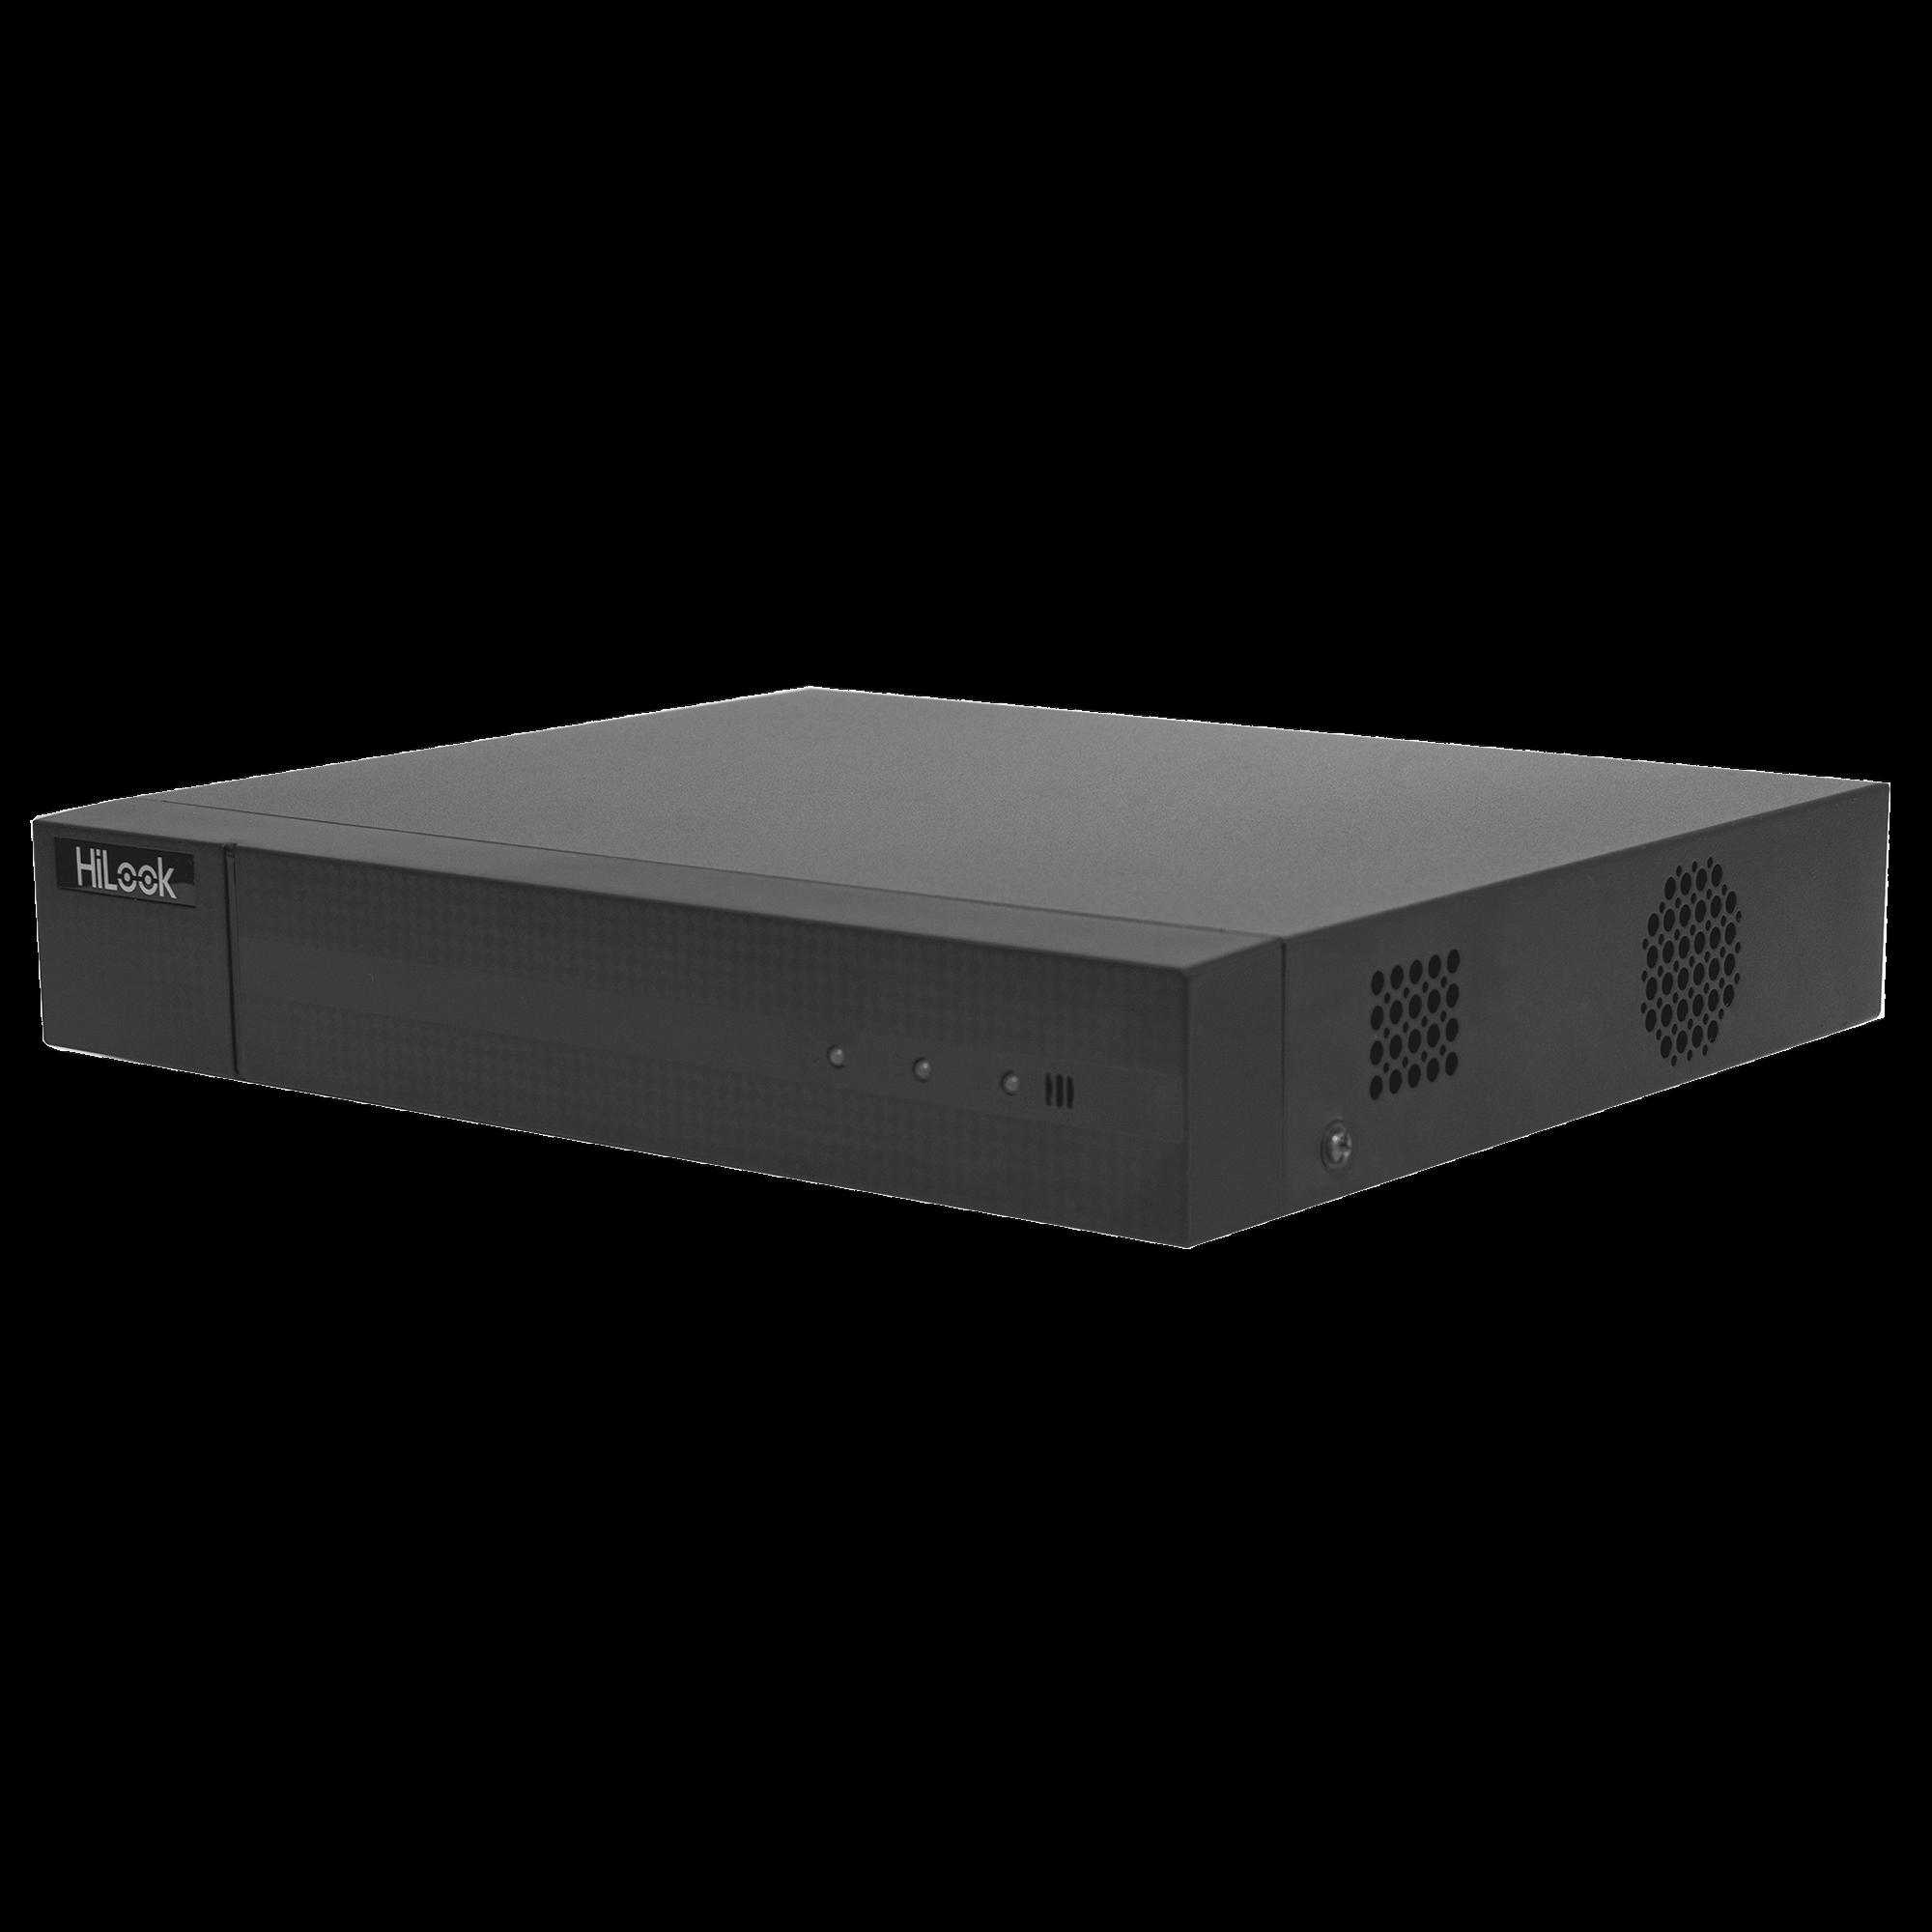 DVR 1080P Lite Pentahibrido / 16 Canales TURBOHD + 2 Canales IP / 1 Bahía de Disco Duro / H.264+ / 1 Canal de Audio / Salida de Vídeo Full HD